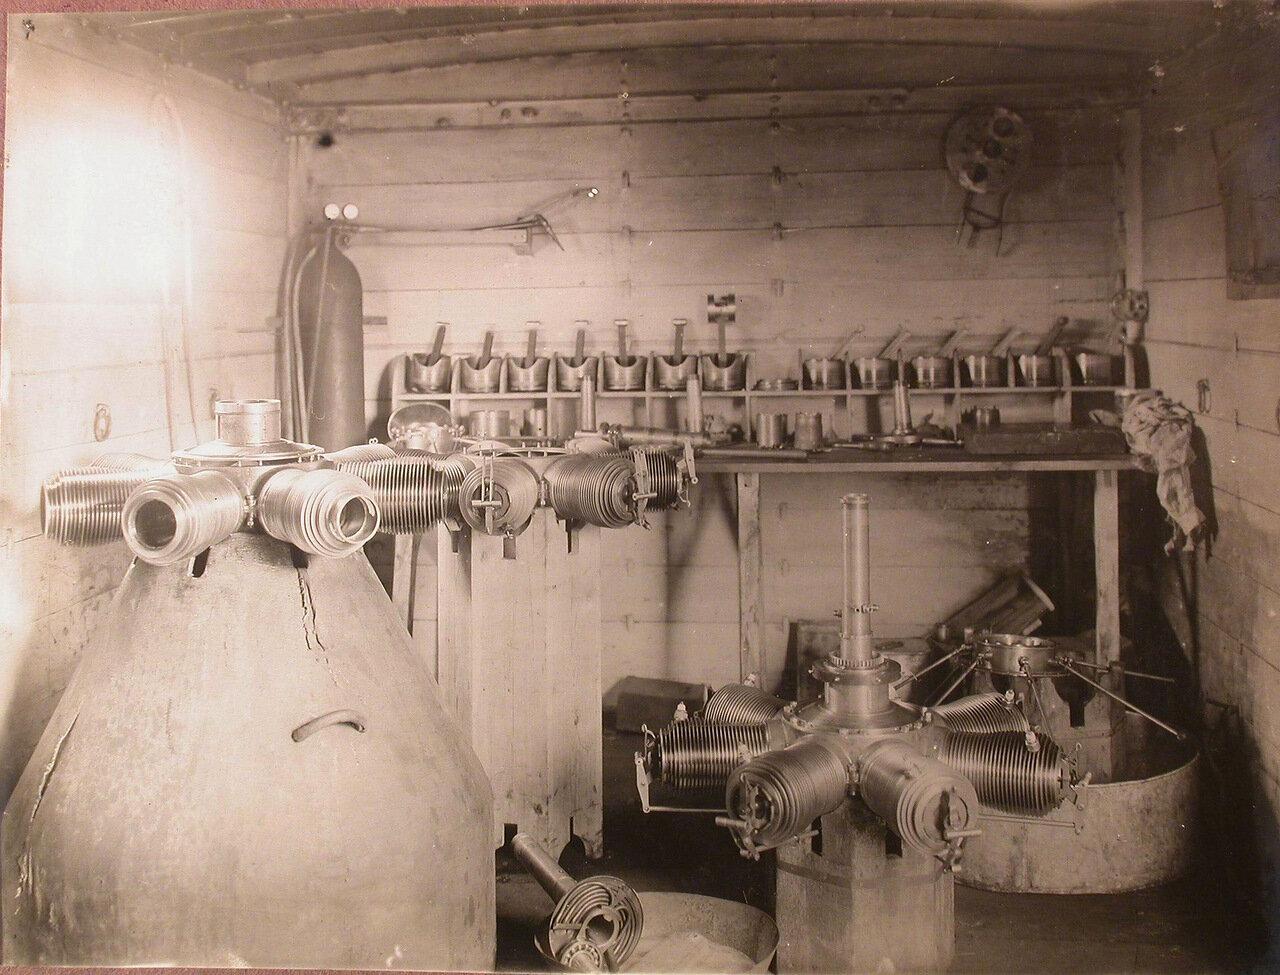 05. Вид части мастерской по сборке моторов, разместившейся в одном из вагонов железнодорожного состава, перевозившего подвижную авиационную мастерскую